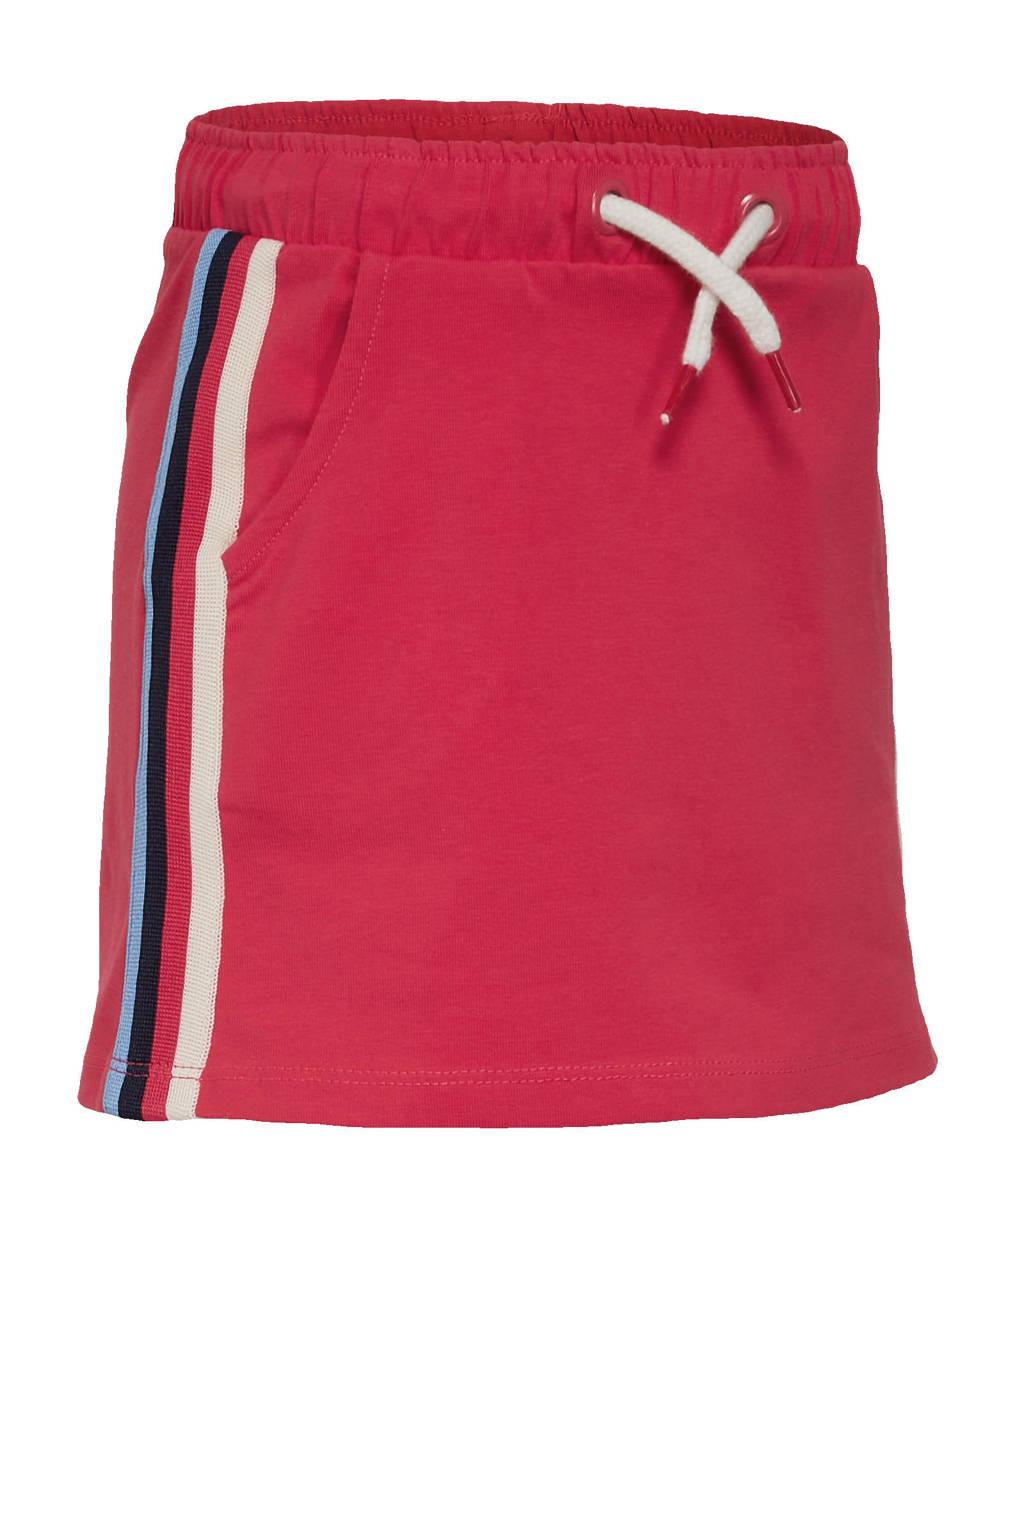 C&A Palomino rok met contrastbies rood/ecru/blauw, Rood/ecru/blauw